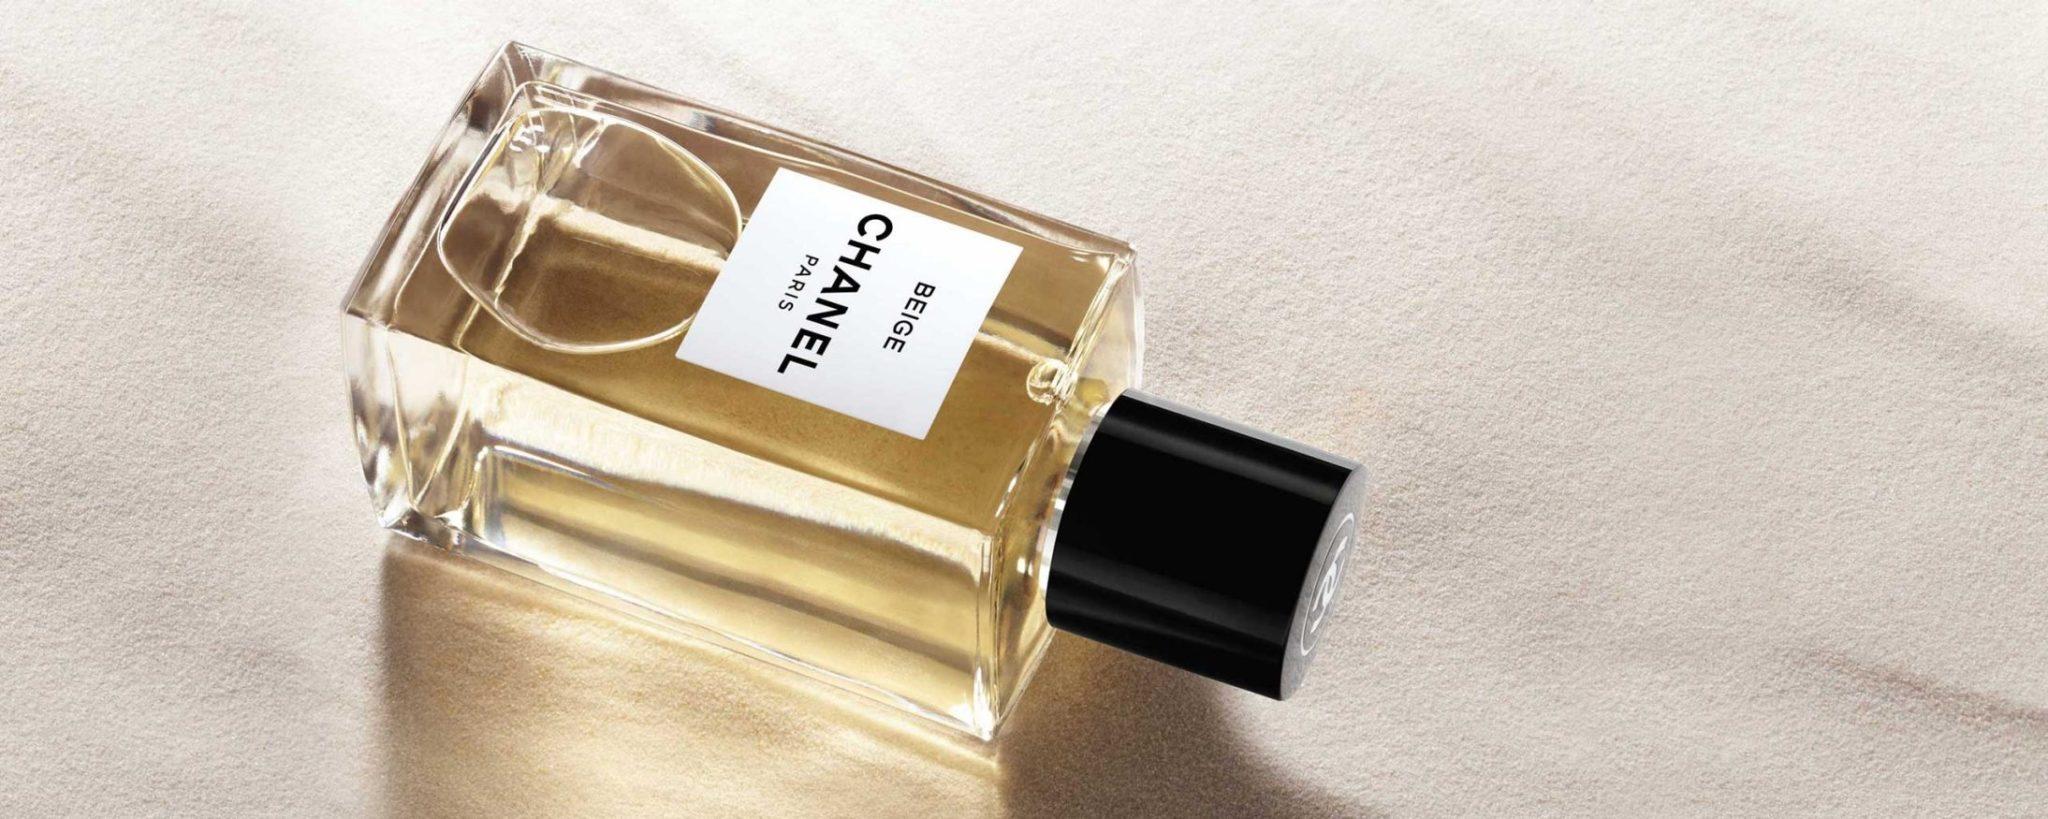 Chanel Les Exclusifs Beige eau de parfum Esprit de Gabrielle espritdegabrielle.com